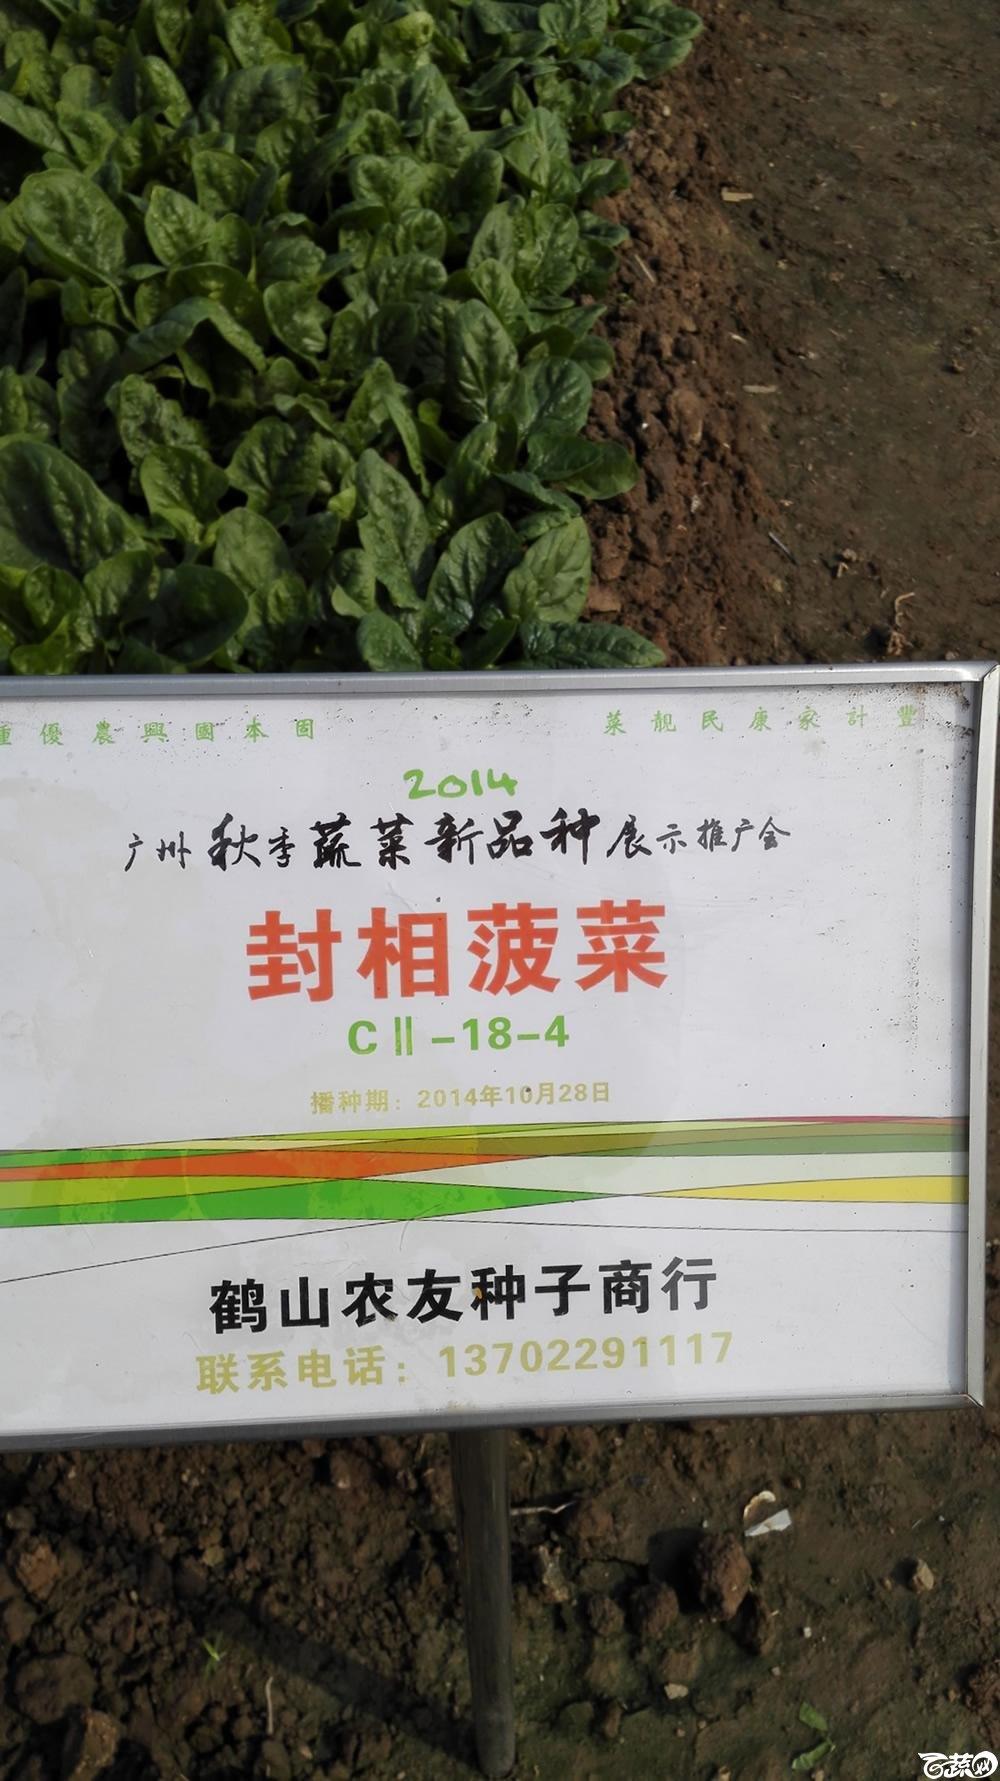 2014年12月10号广州市农科院南沙秋季蔬菜新品种展示会_叶菜_179.jpg